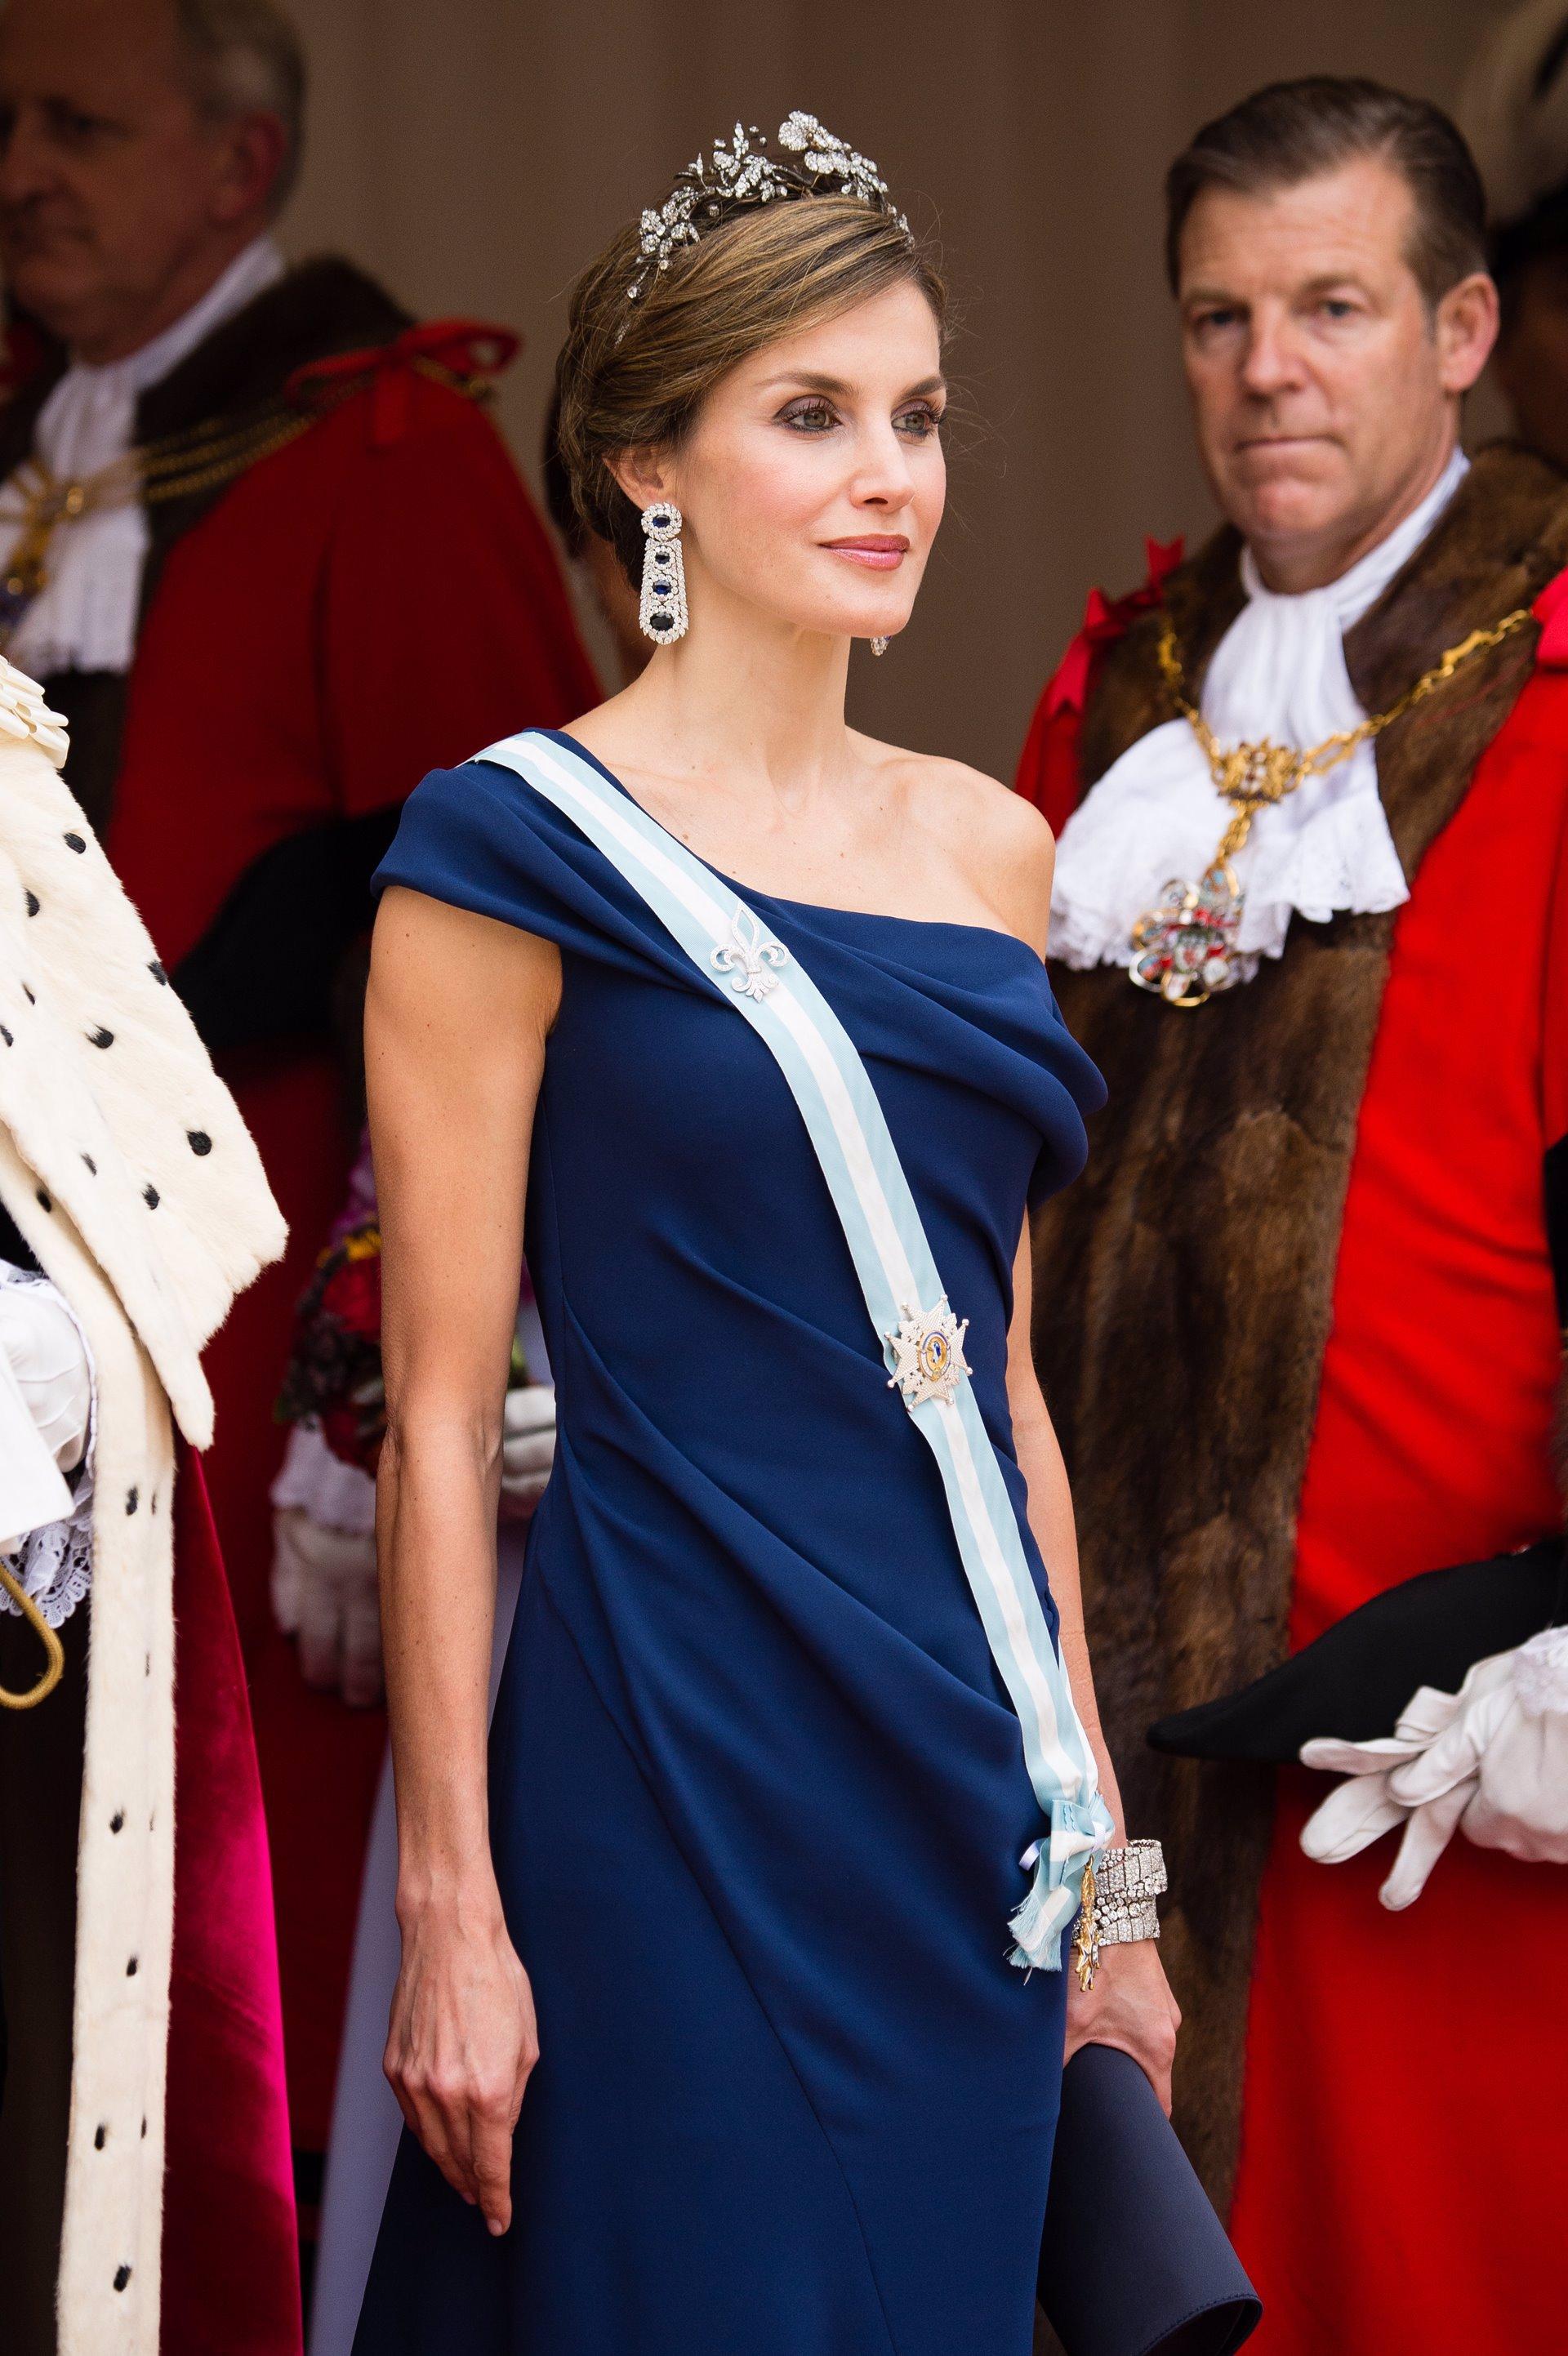 La Reina Letizia homenajea a la bisabuela del Rey Felipe VI y a la Reina Isabel II de Inglaterra con las pulseras más famosas de la realeza